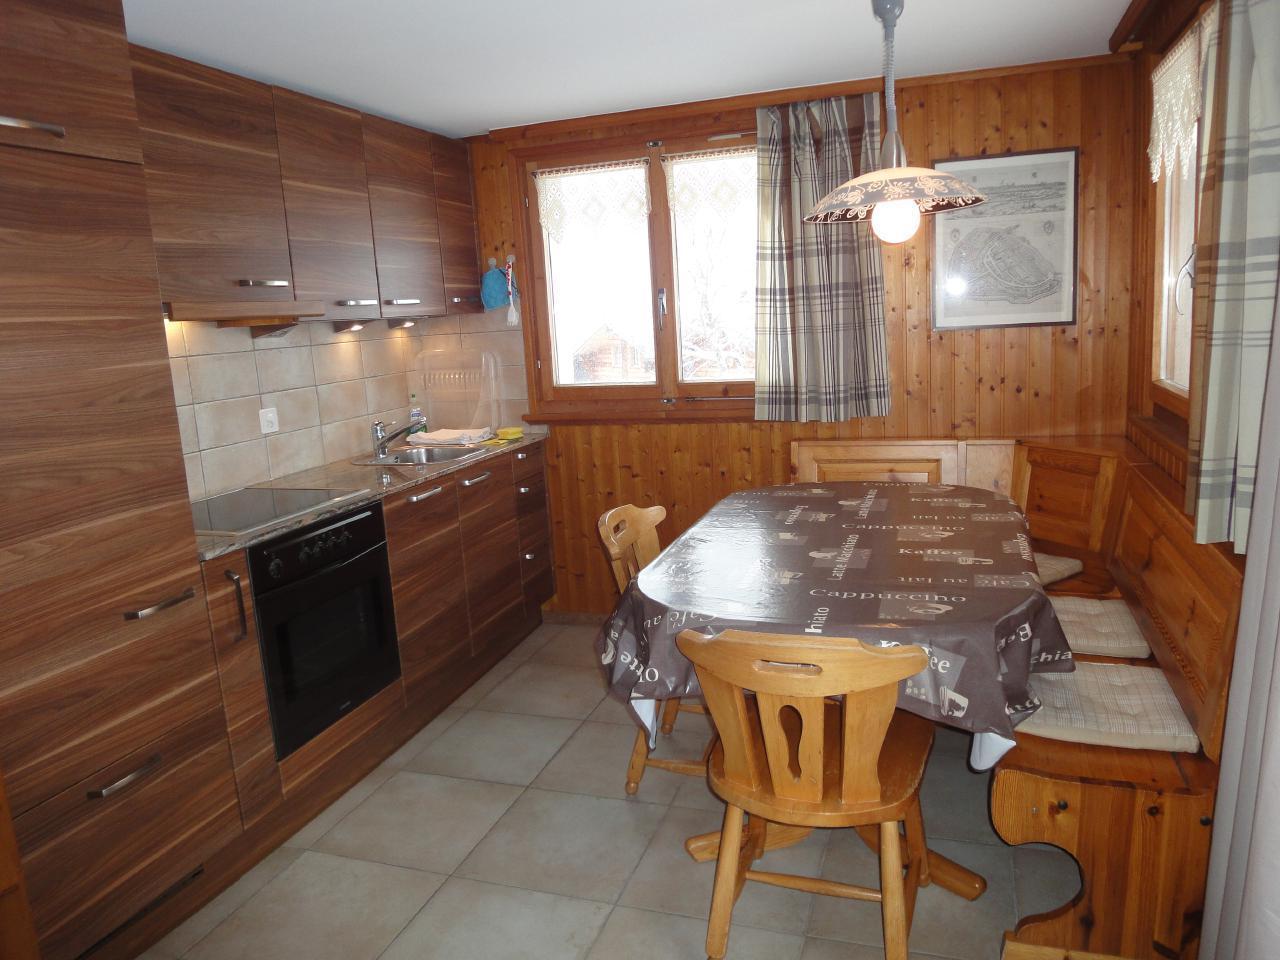 Appartement de vacances Chalet Stefanino, 2 1/2 Zimmer (488625), Bellwald, Aletsch - Conches, Valais, Suisse, image 5